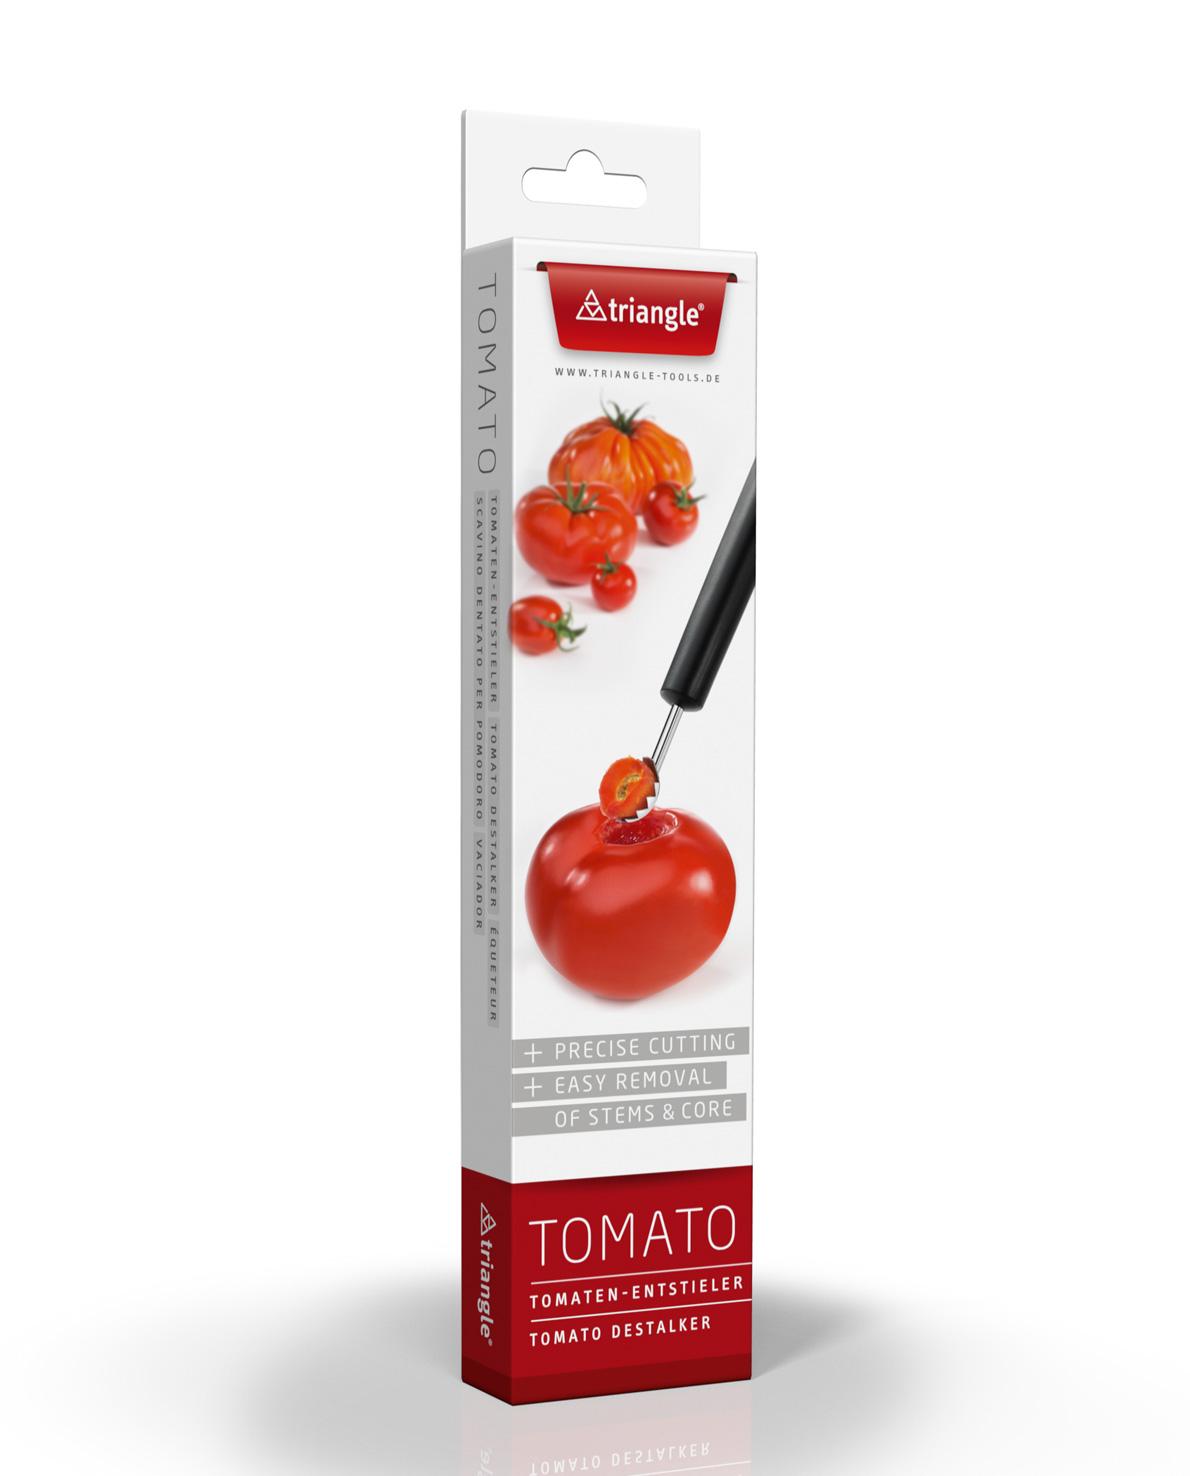 triangle Erdbeer Entstieler Tomaten-Entstieler aushöhlen Blattkelch entfernen